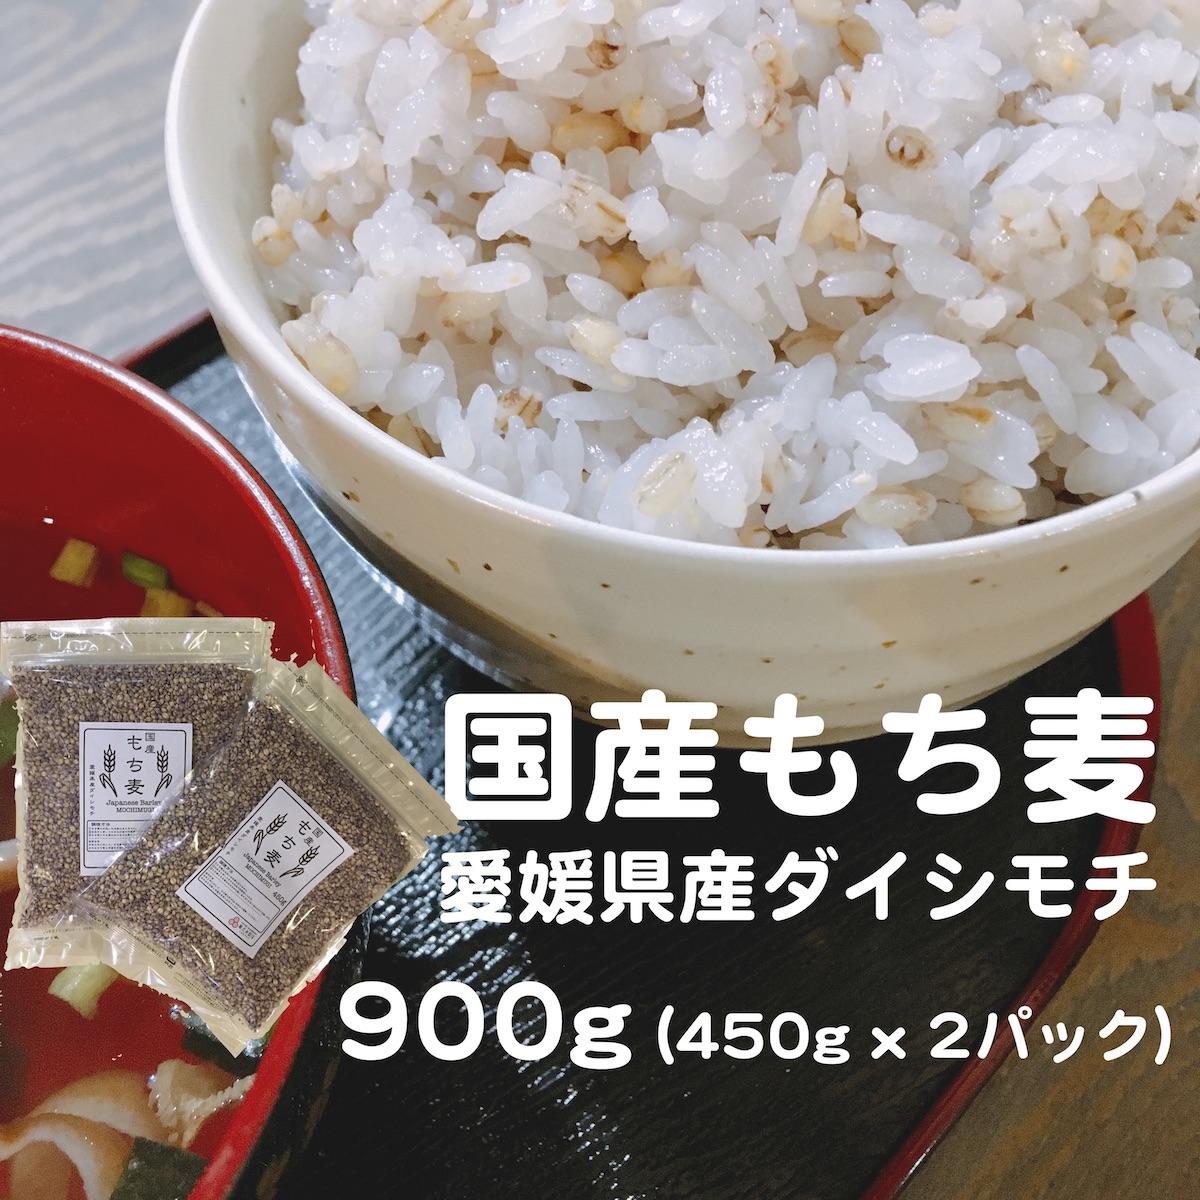 ダイエット もち 麦